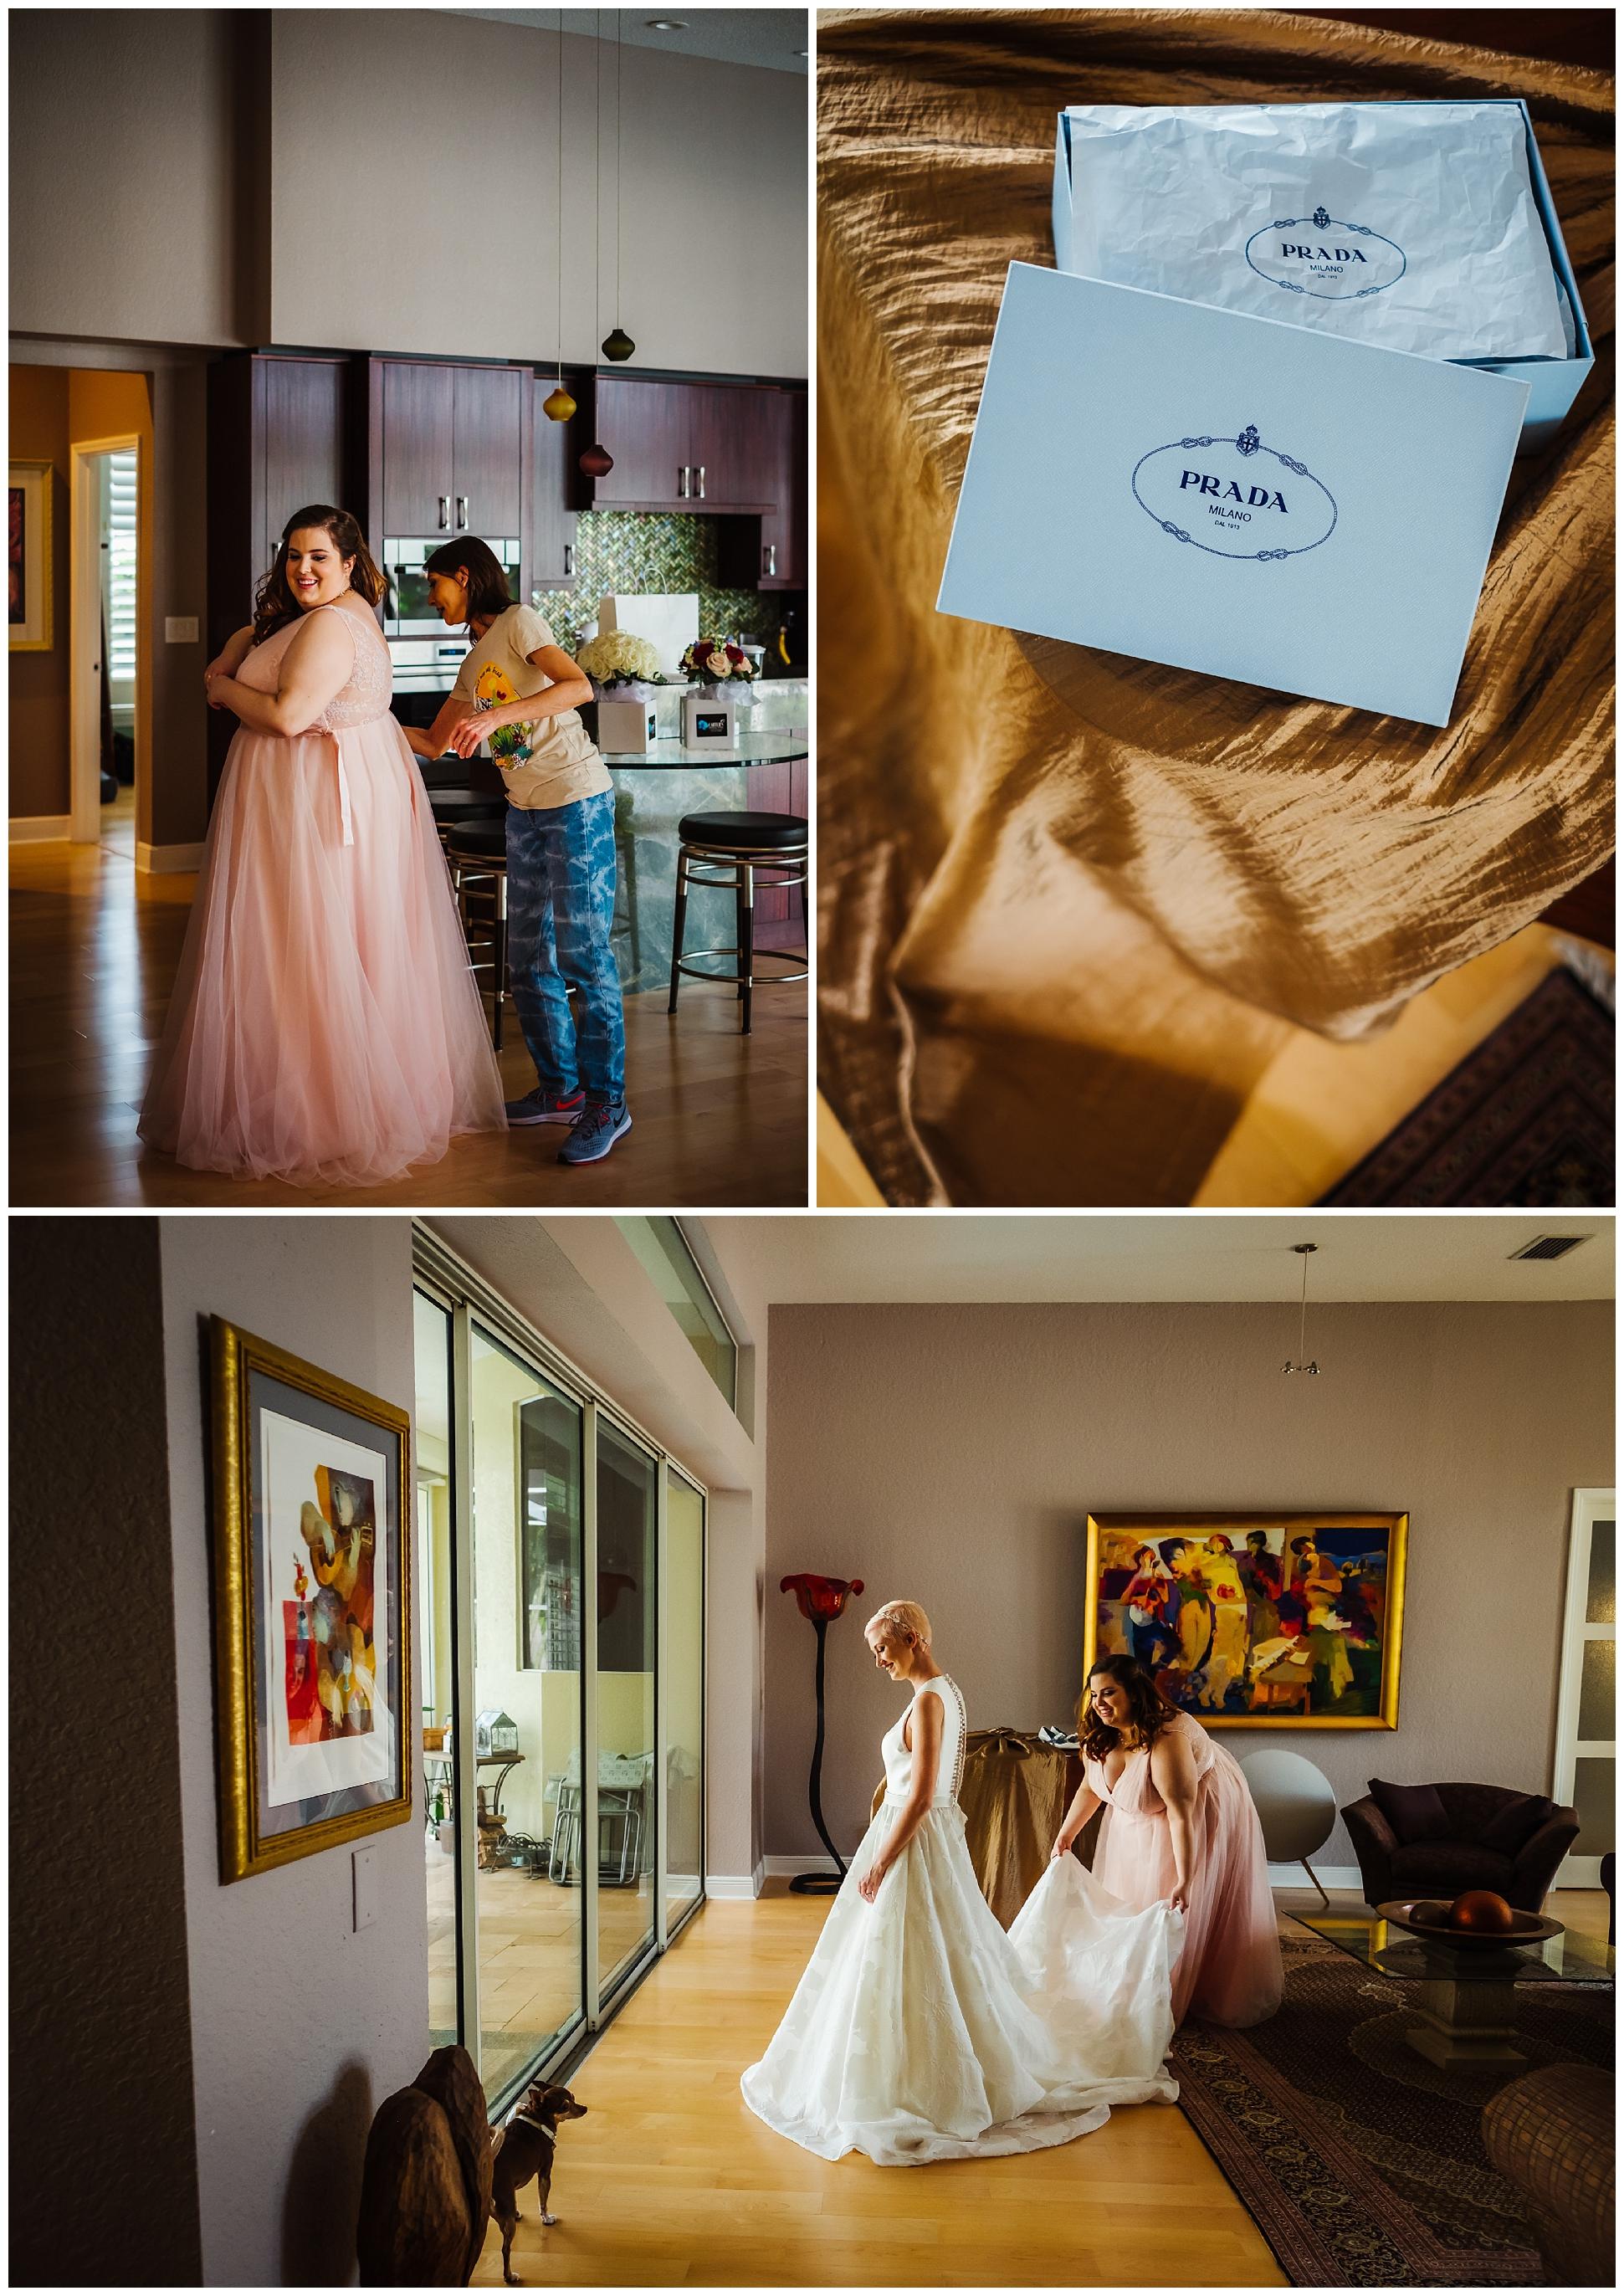 tierra-verde-st-pete-florida-home-luxury-wedding-greenery-pink-pixie-bride_0006.jpg